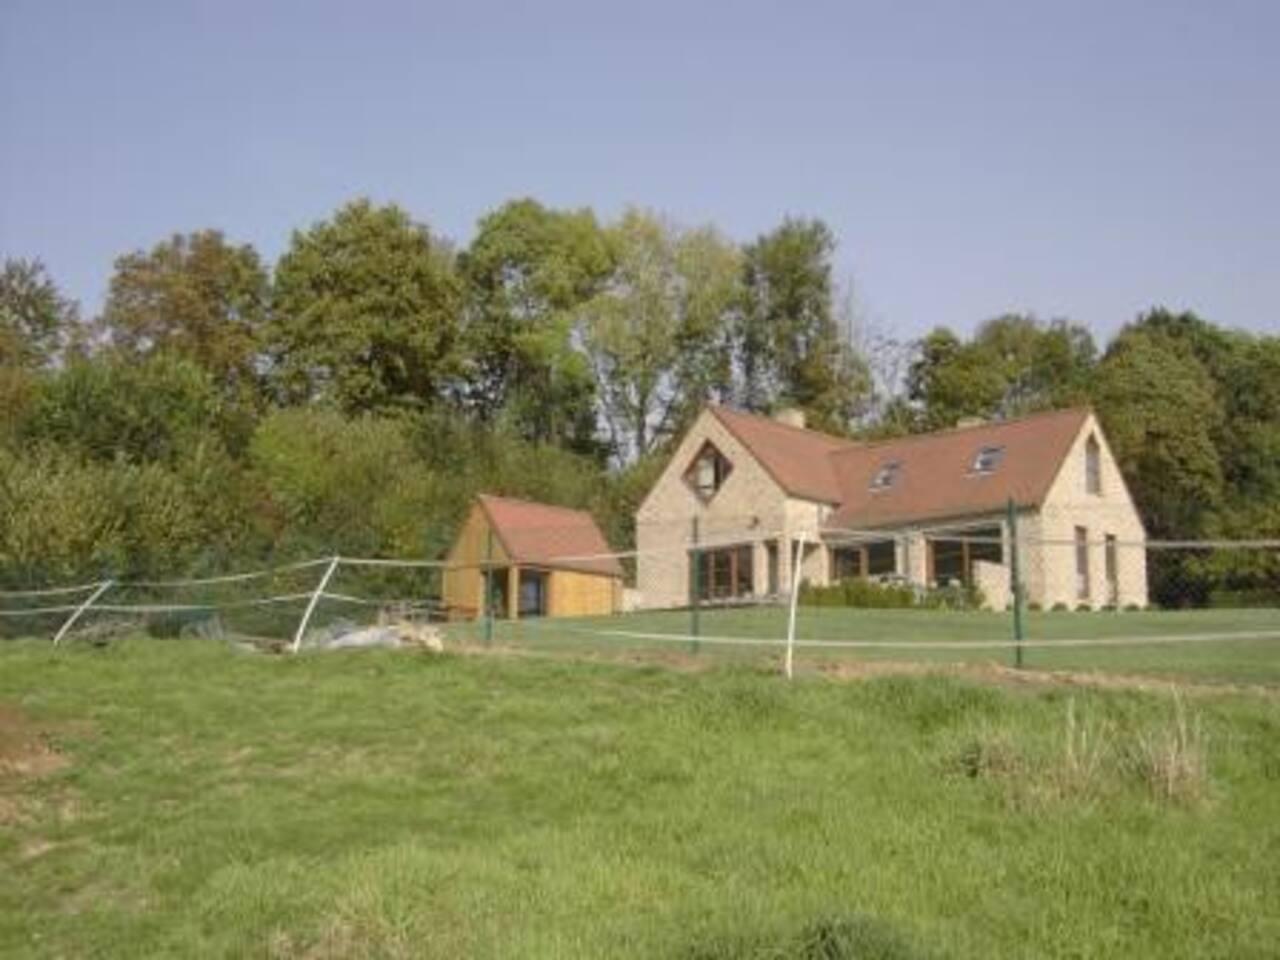 Woning omgeven door groen/house in green country-side